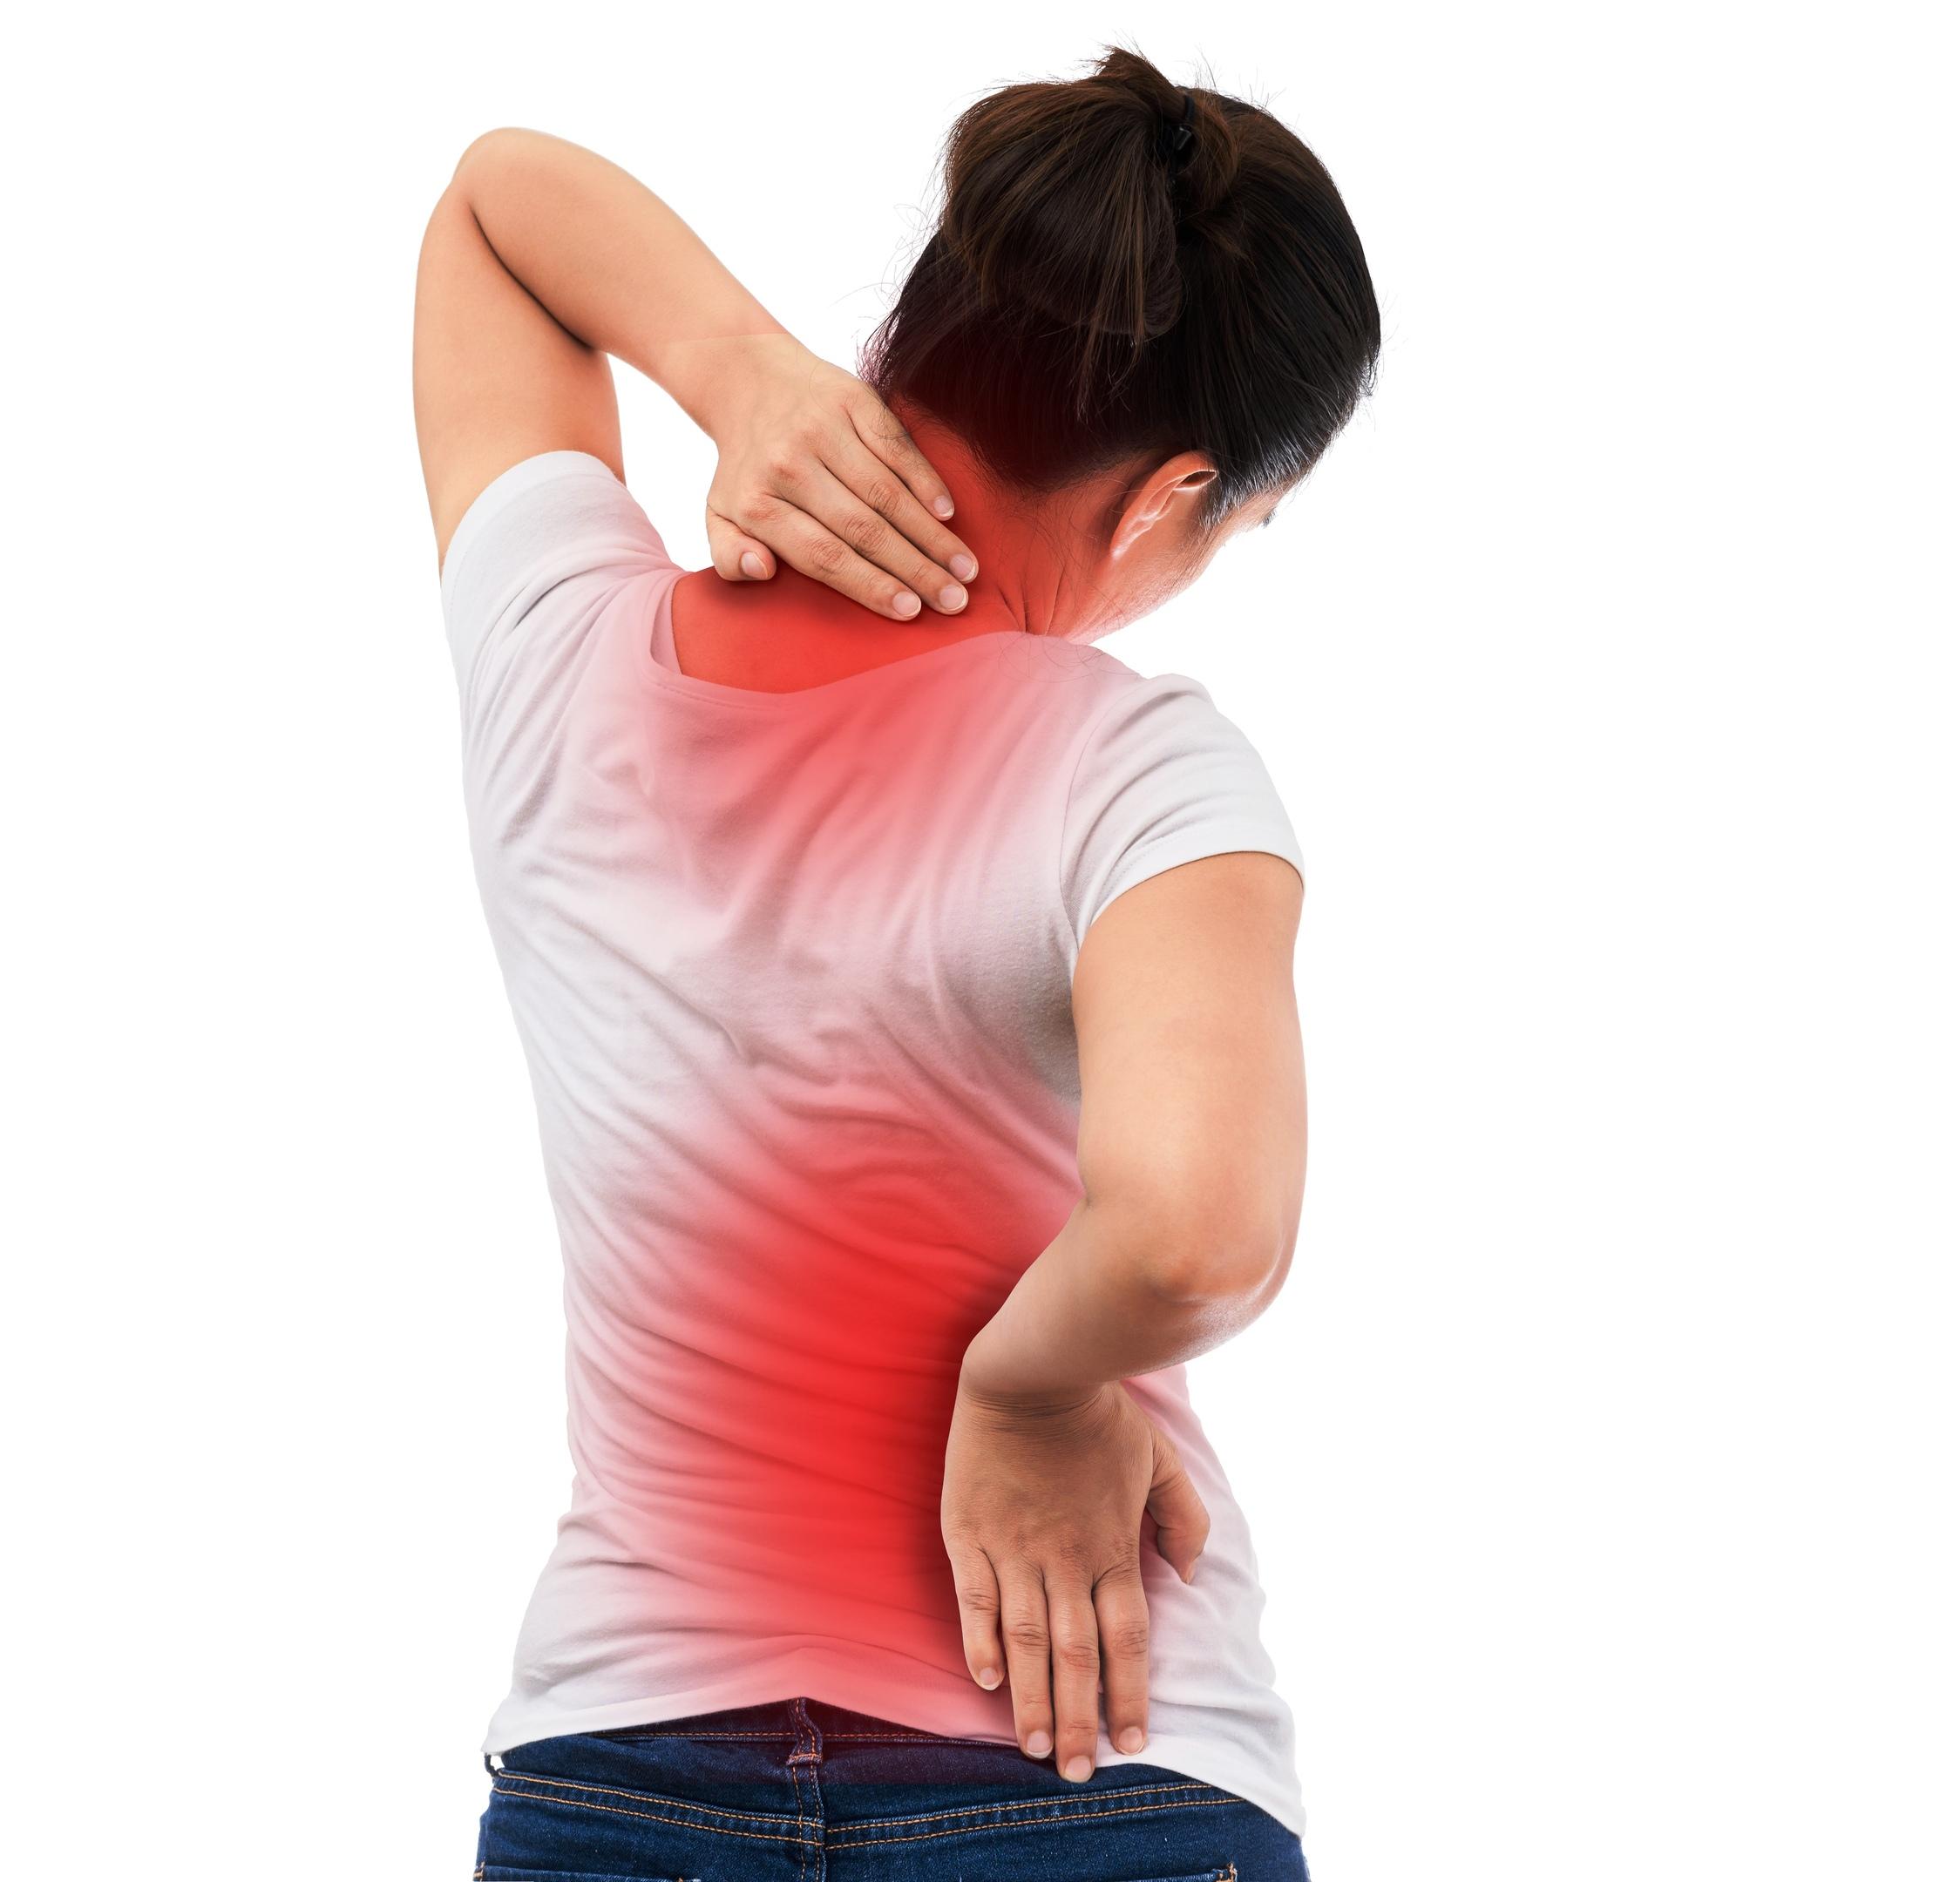 Какая связь между кистами яичника и болью в спине?